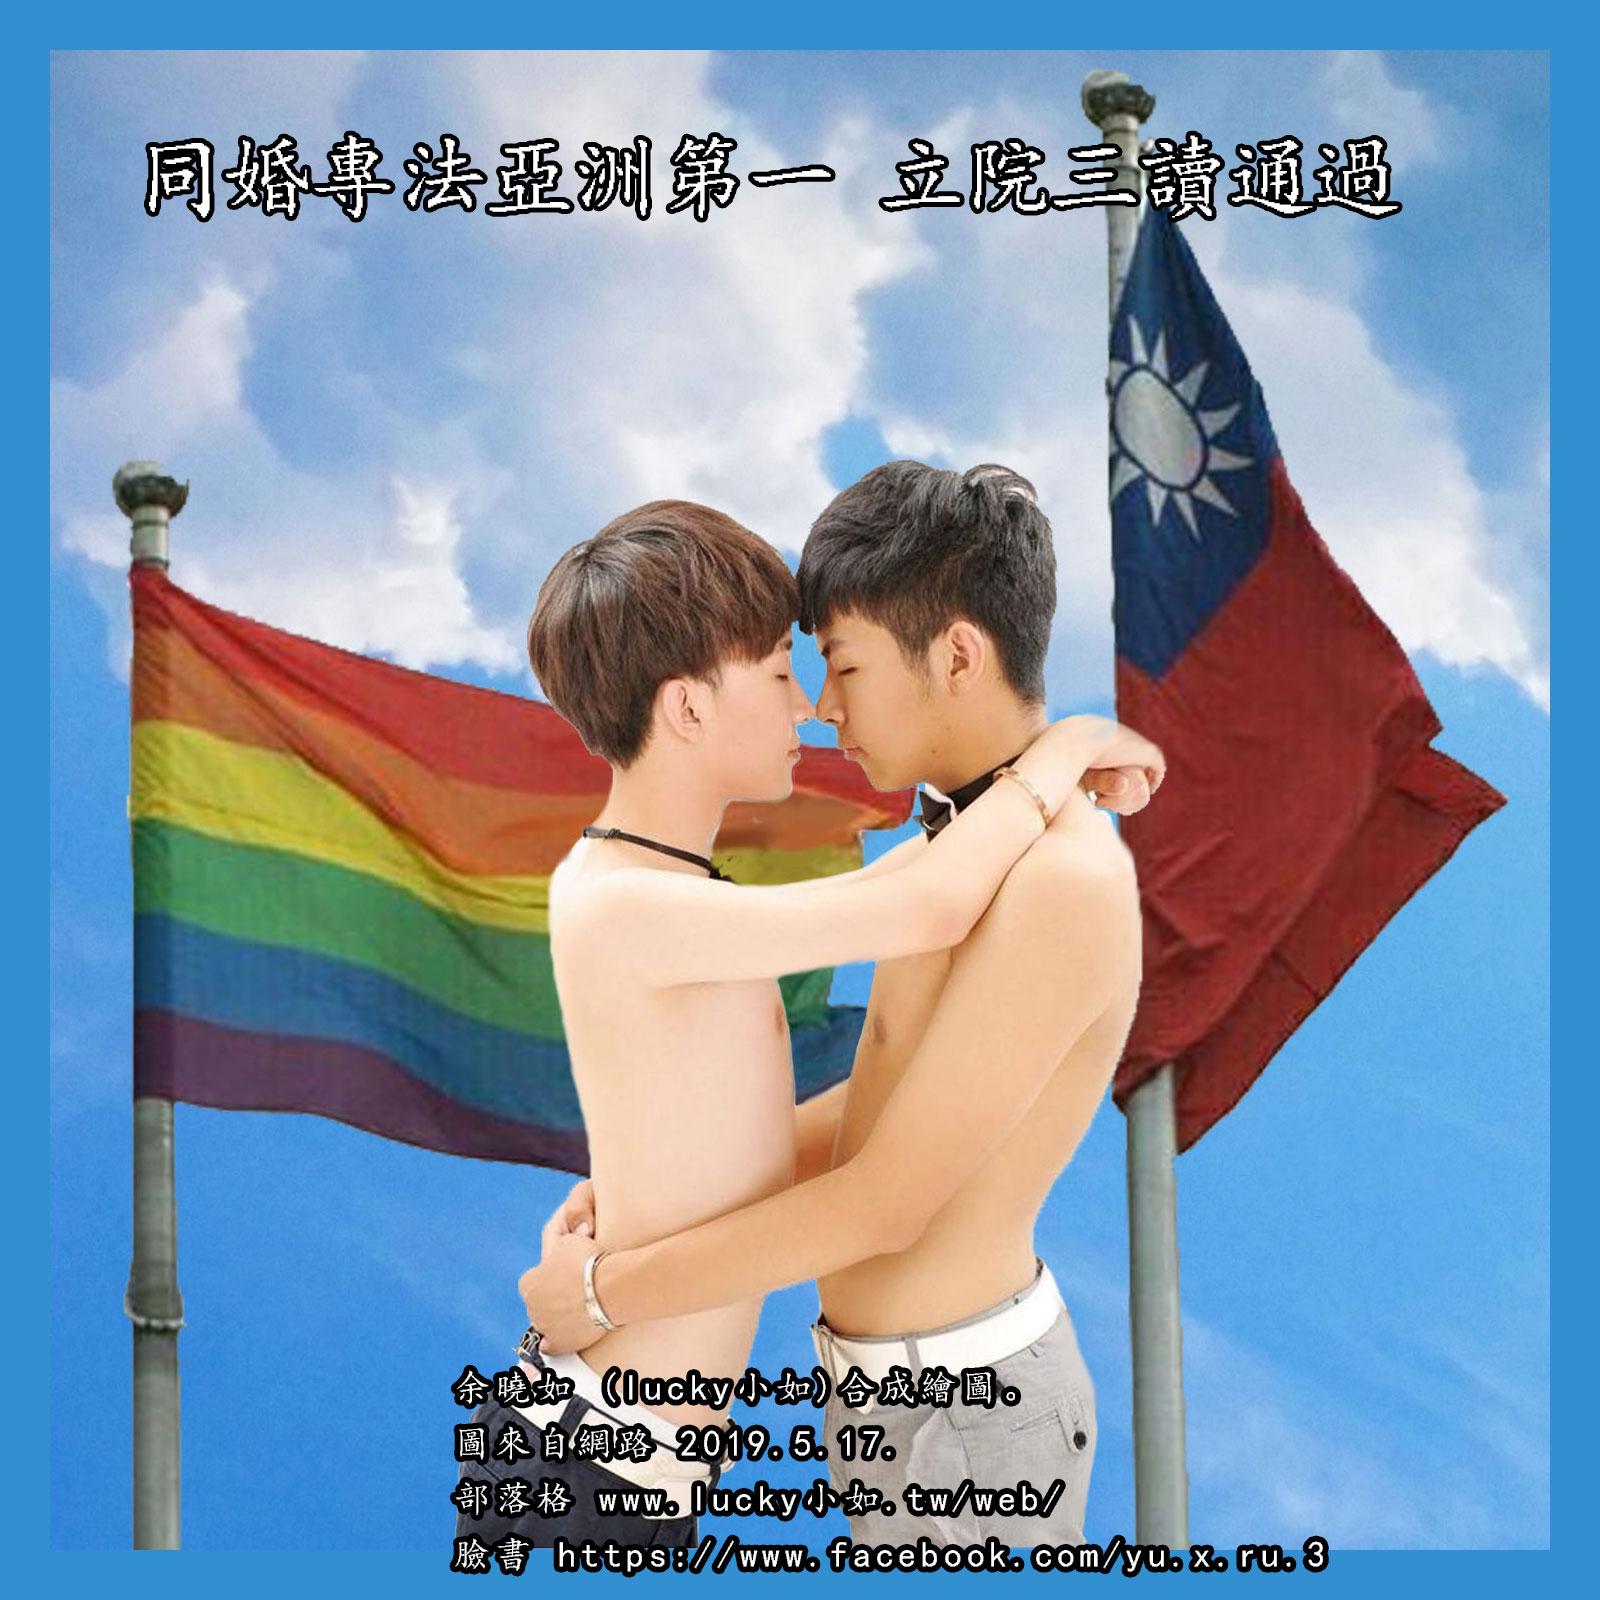 同婚專法亞洲第一 立院三讀通過